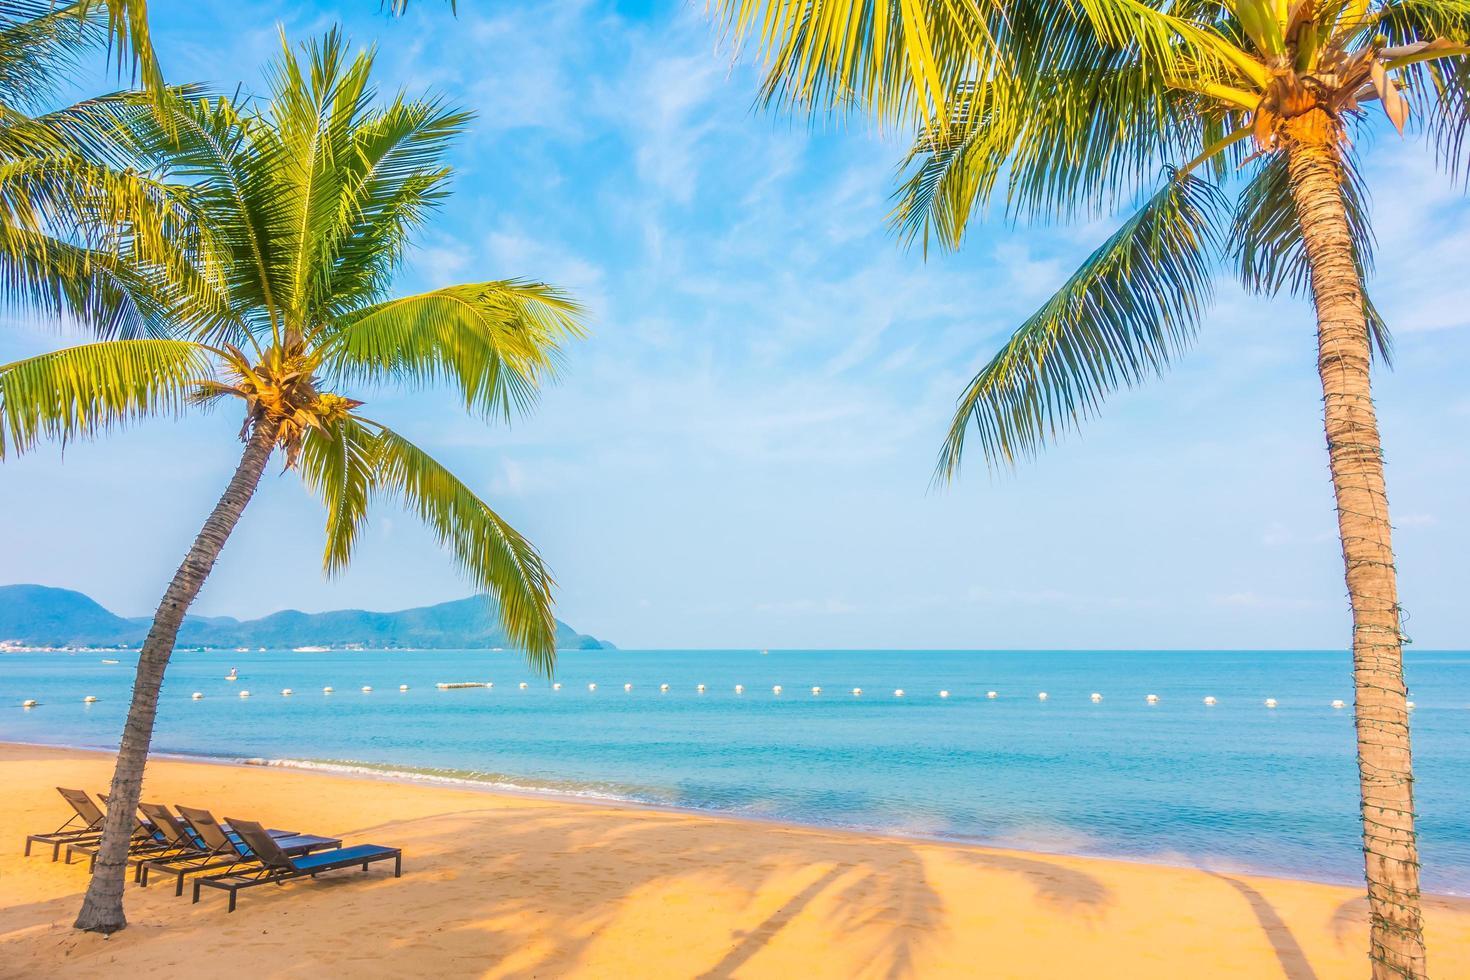 hermosa playa y mar con palmera foto